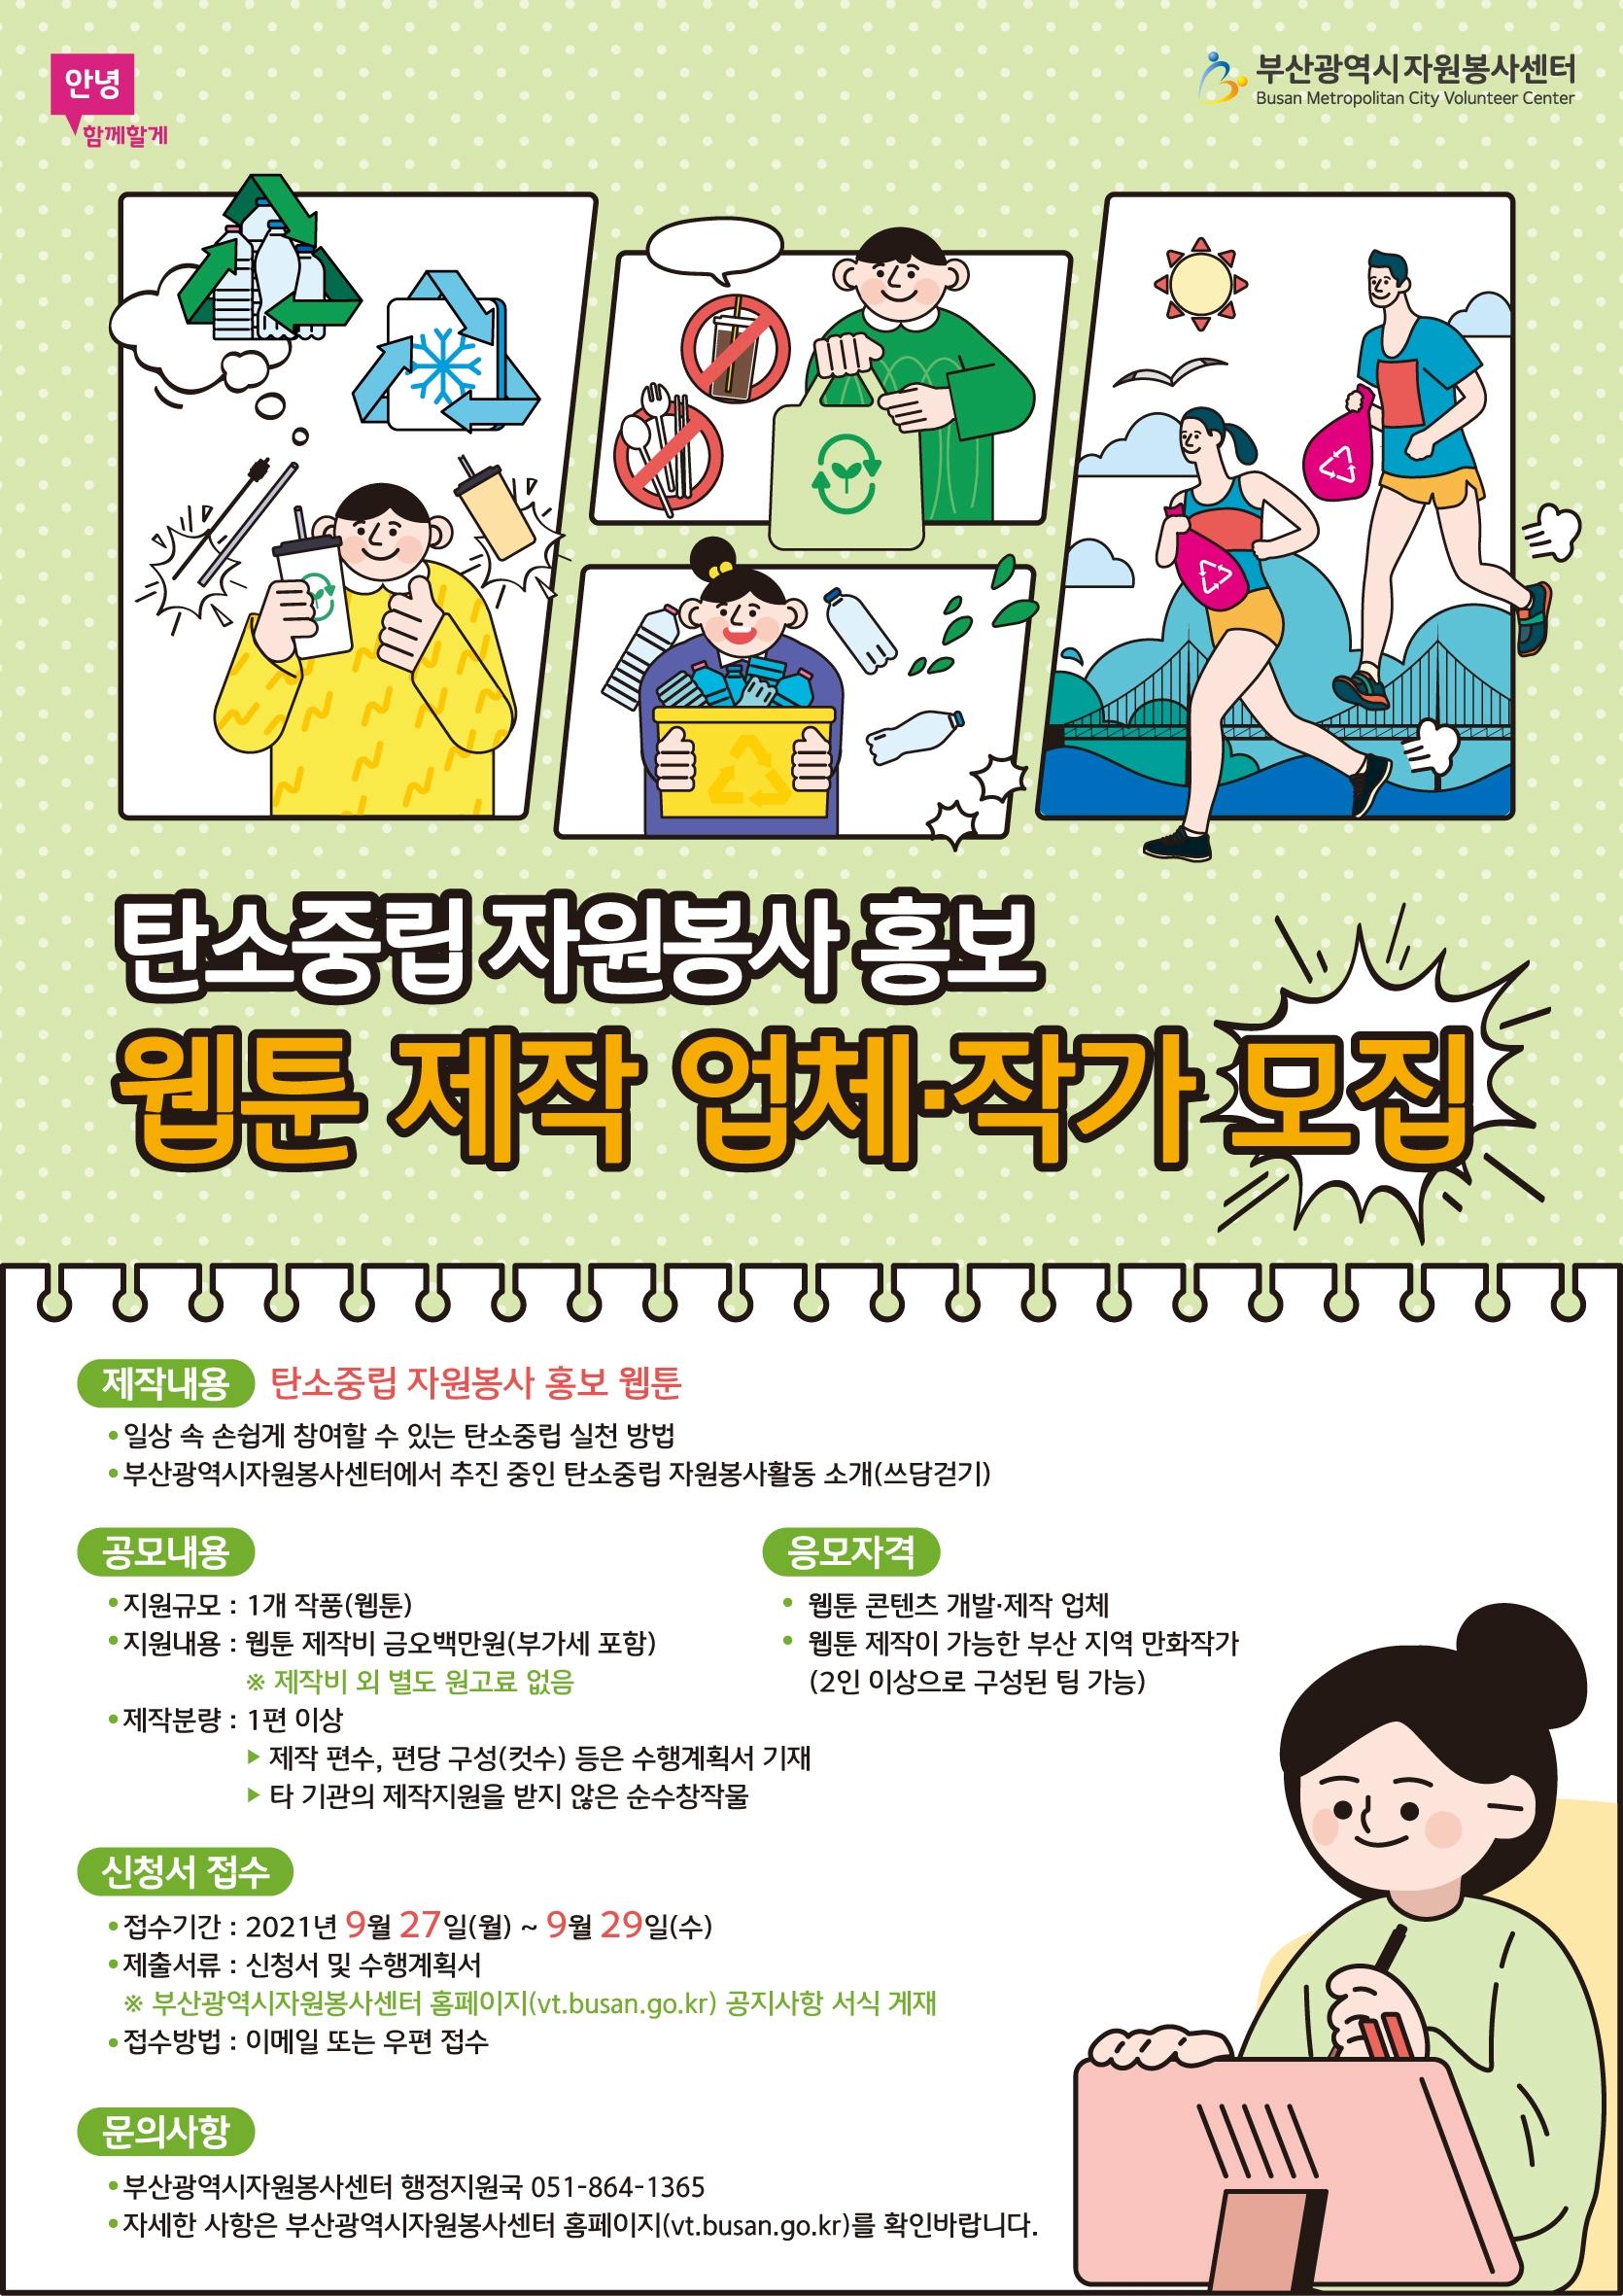 [부산시자원봉사센터] 탄소중립 홍보 웹툰 제작 업체(작가) 모집 공고